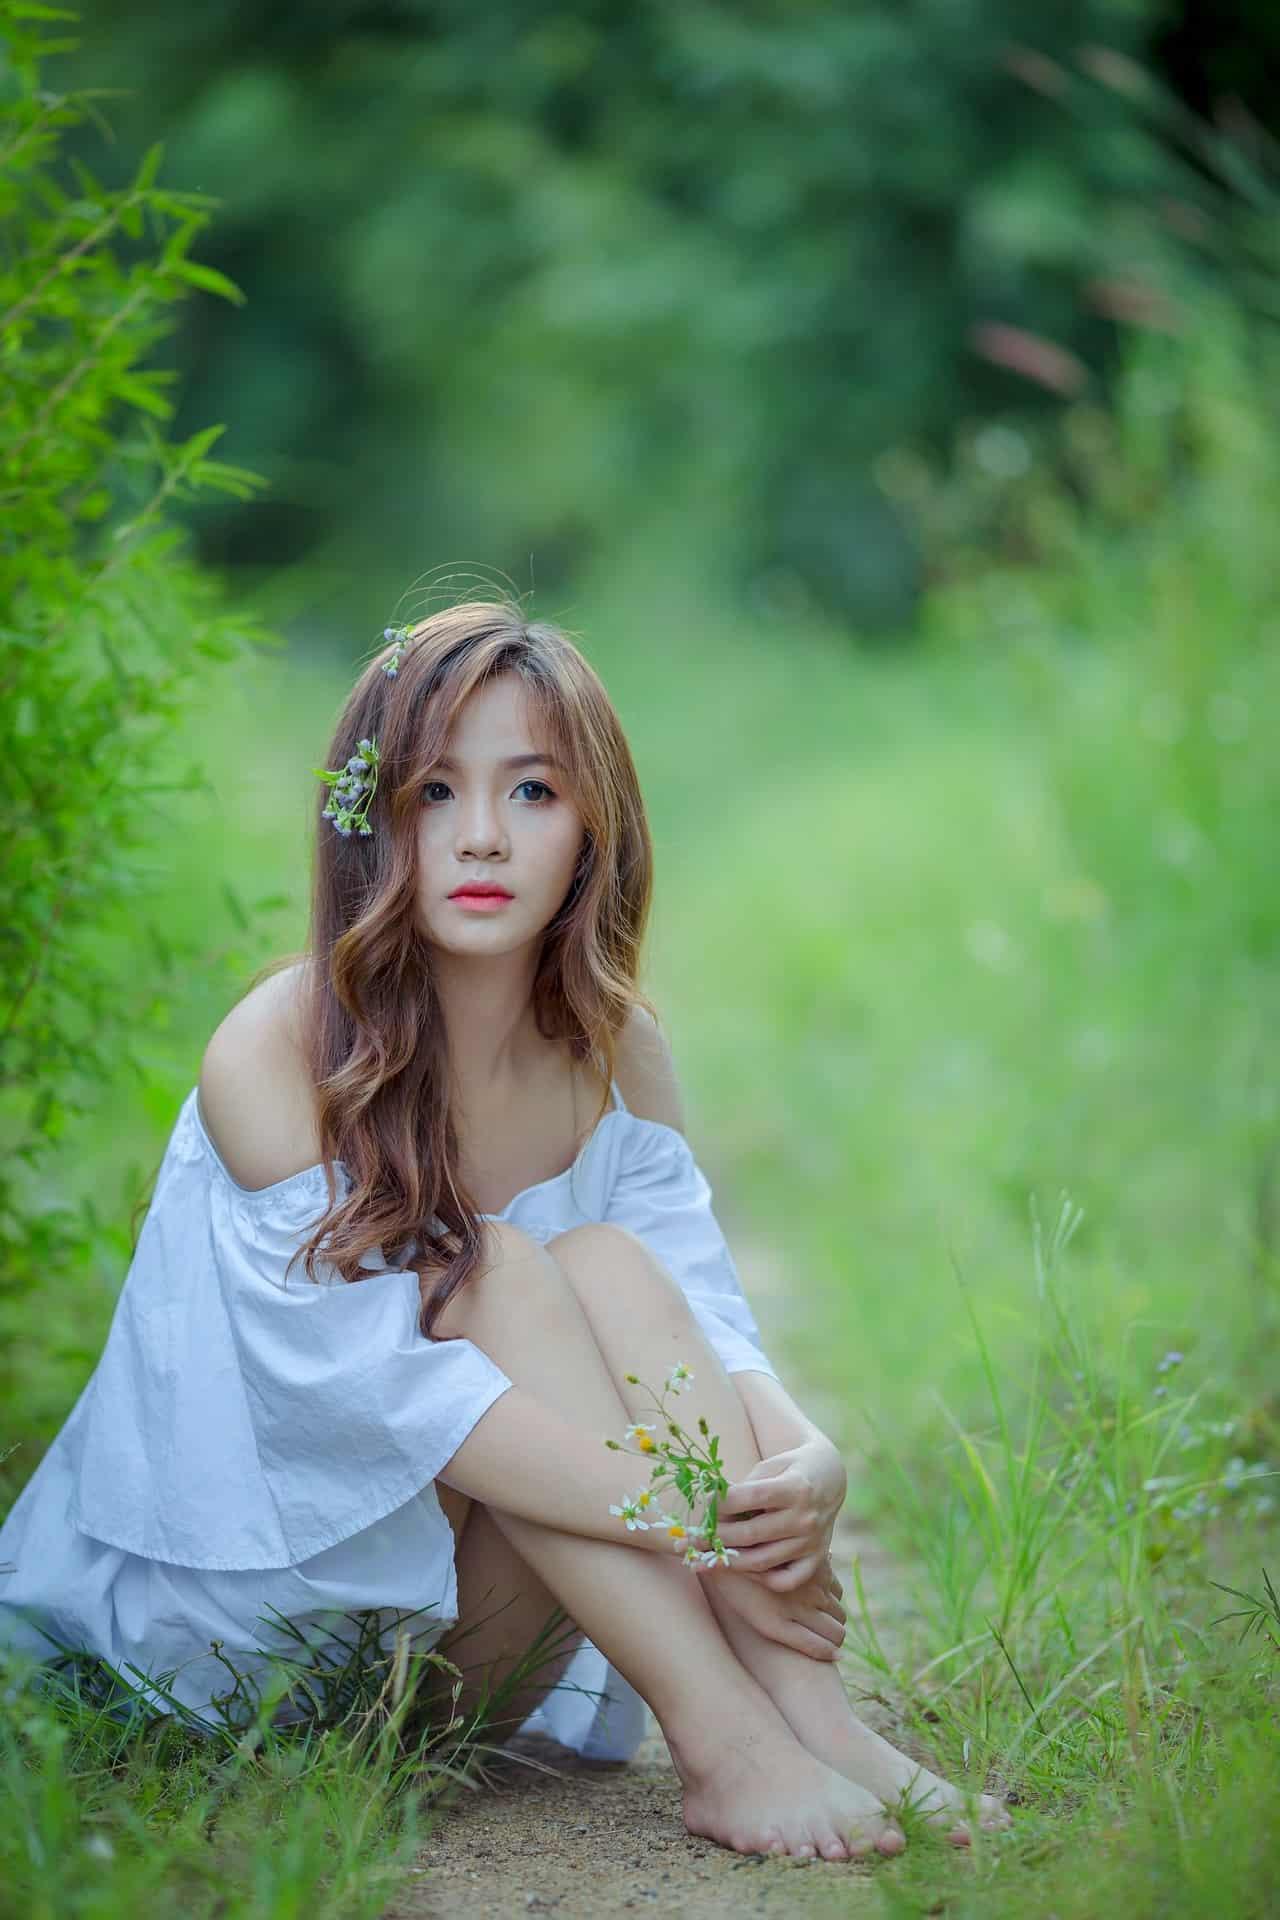 junge Thailänderin - wirklich so verführerisch?